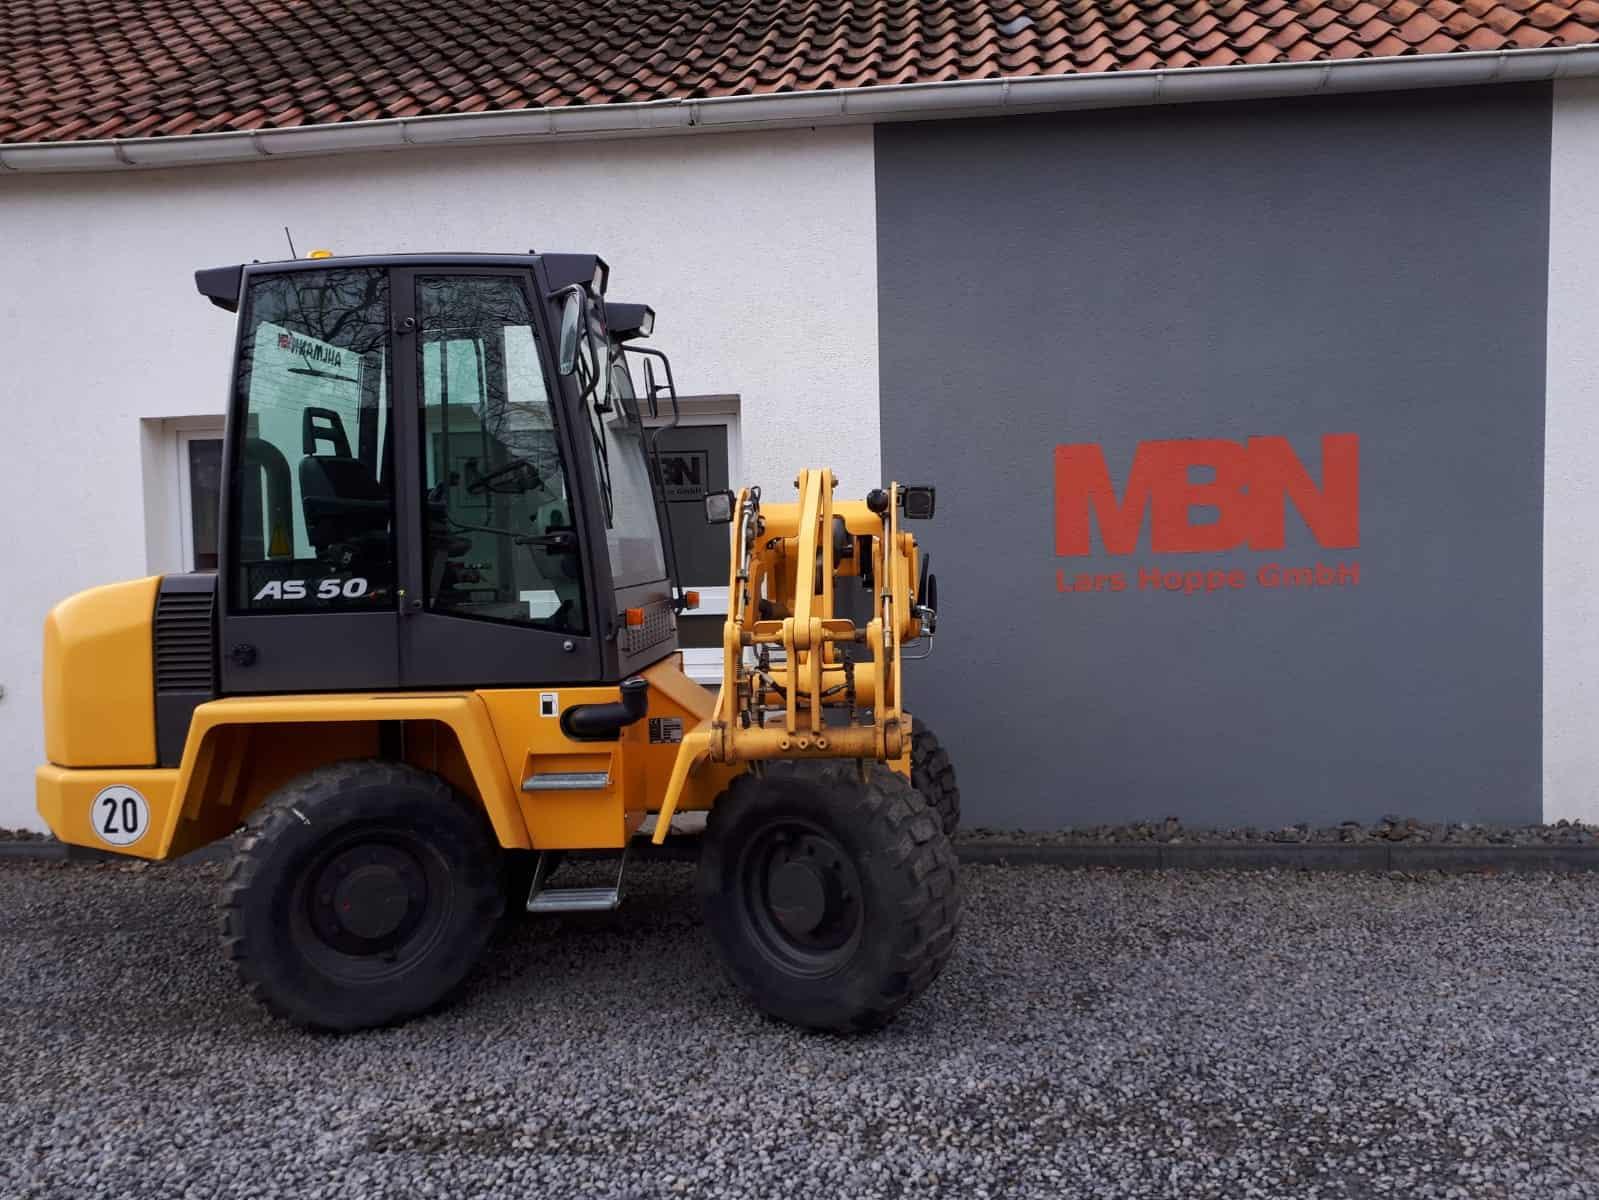 AHLMANN-AS50-gebraucht-kaufen-Radlader-Gebrauchtmarkt-MBN-Baumaschinen-Schwenklader-08